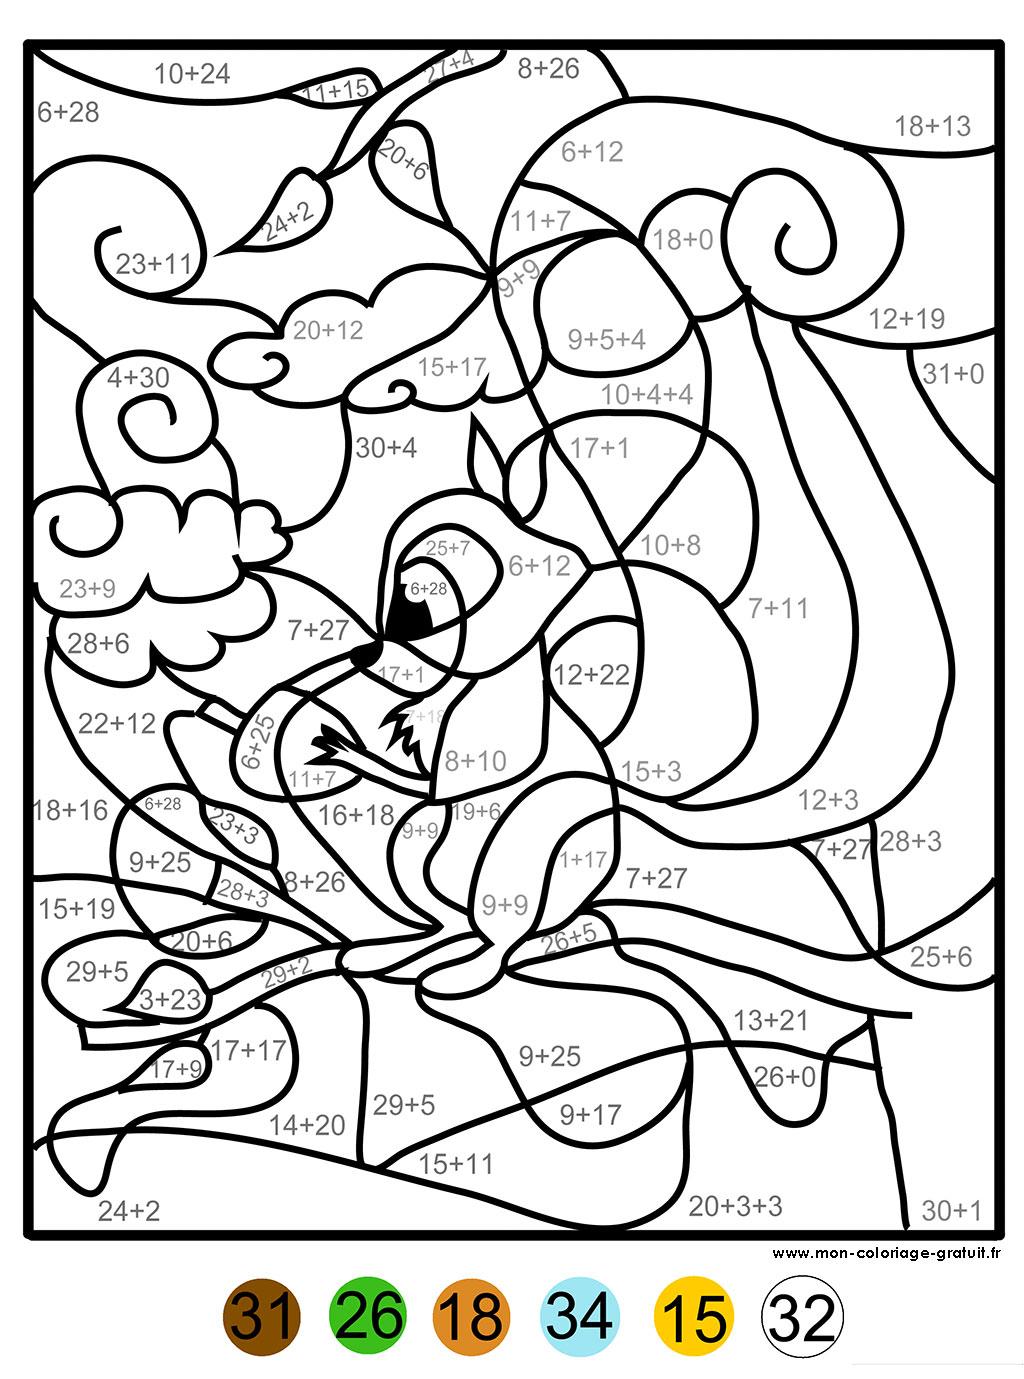 Coloriage Magique Disney Gratuit   Imprimer Et Obtenir Une intérieur Coloriage Magique Disney